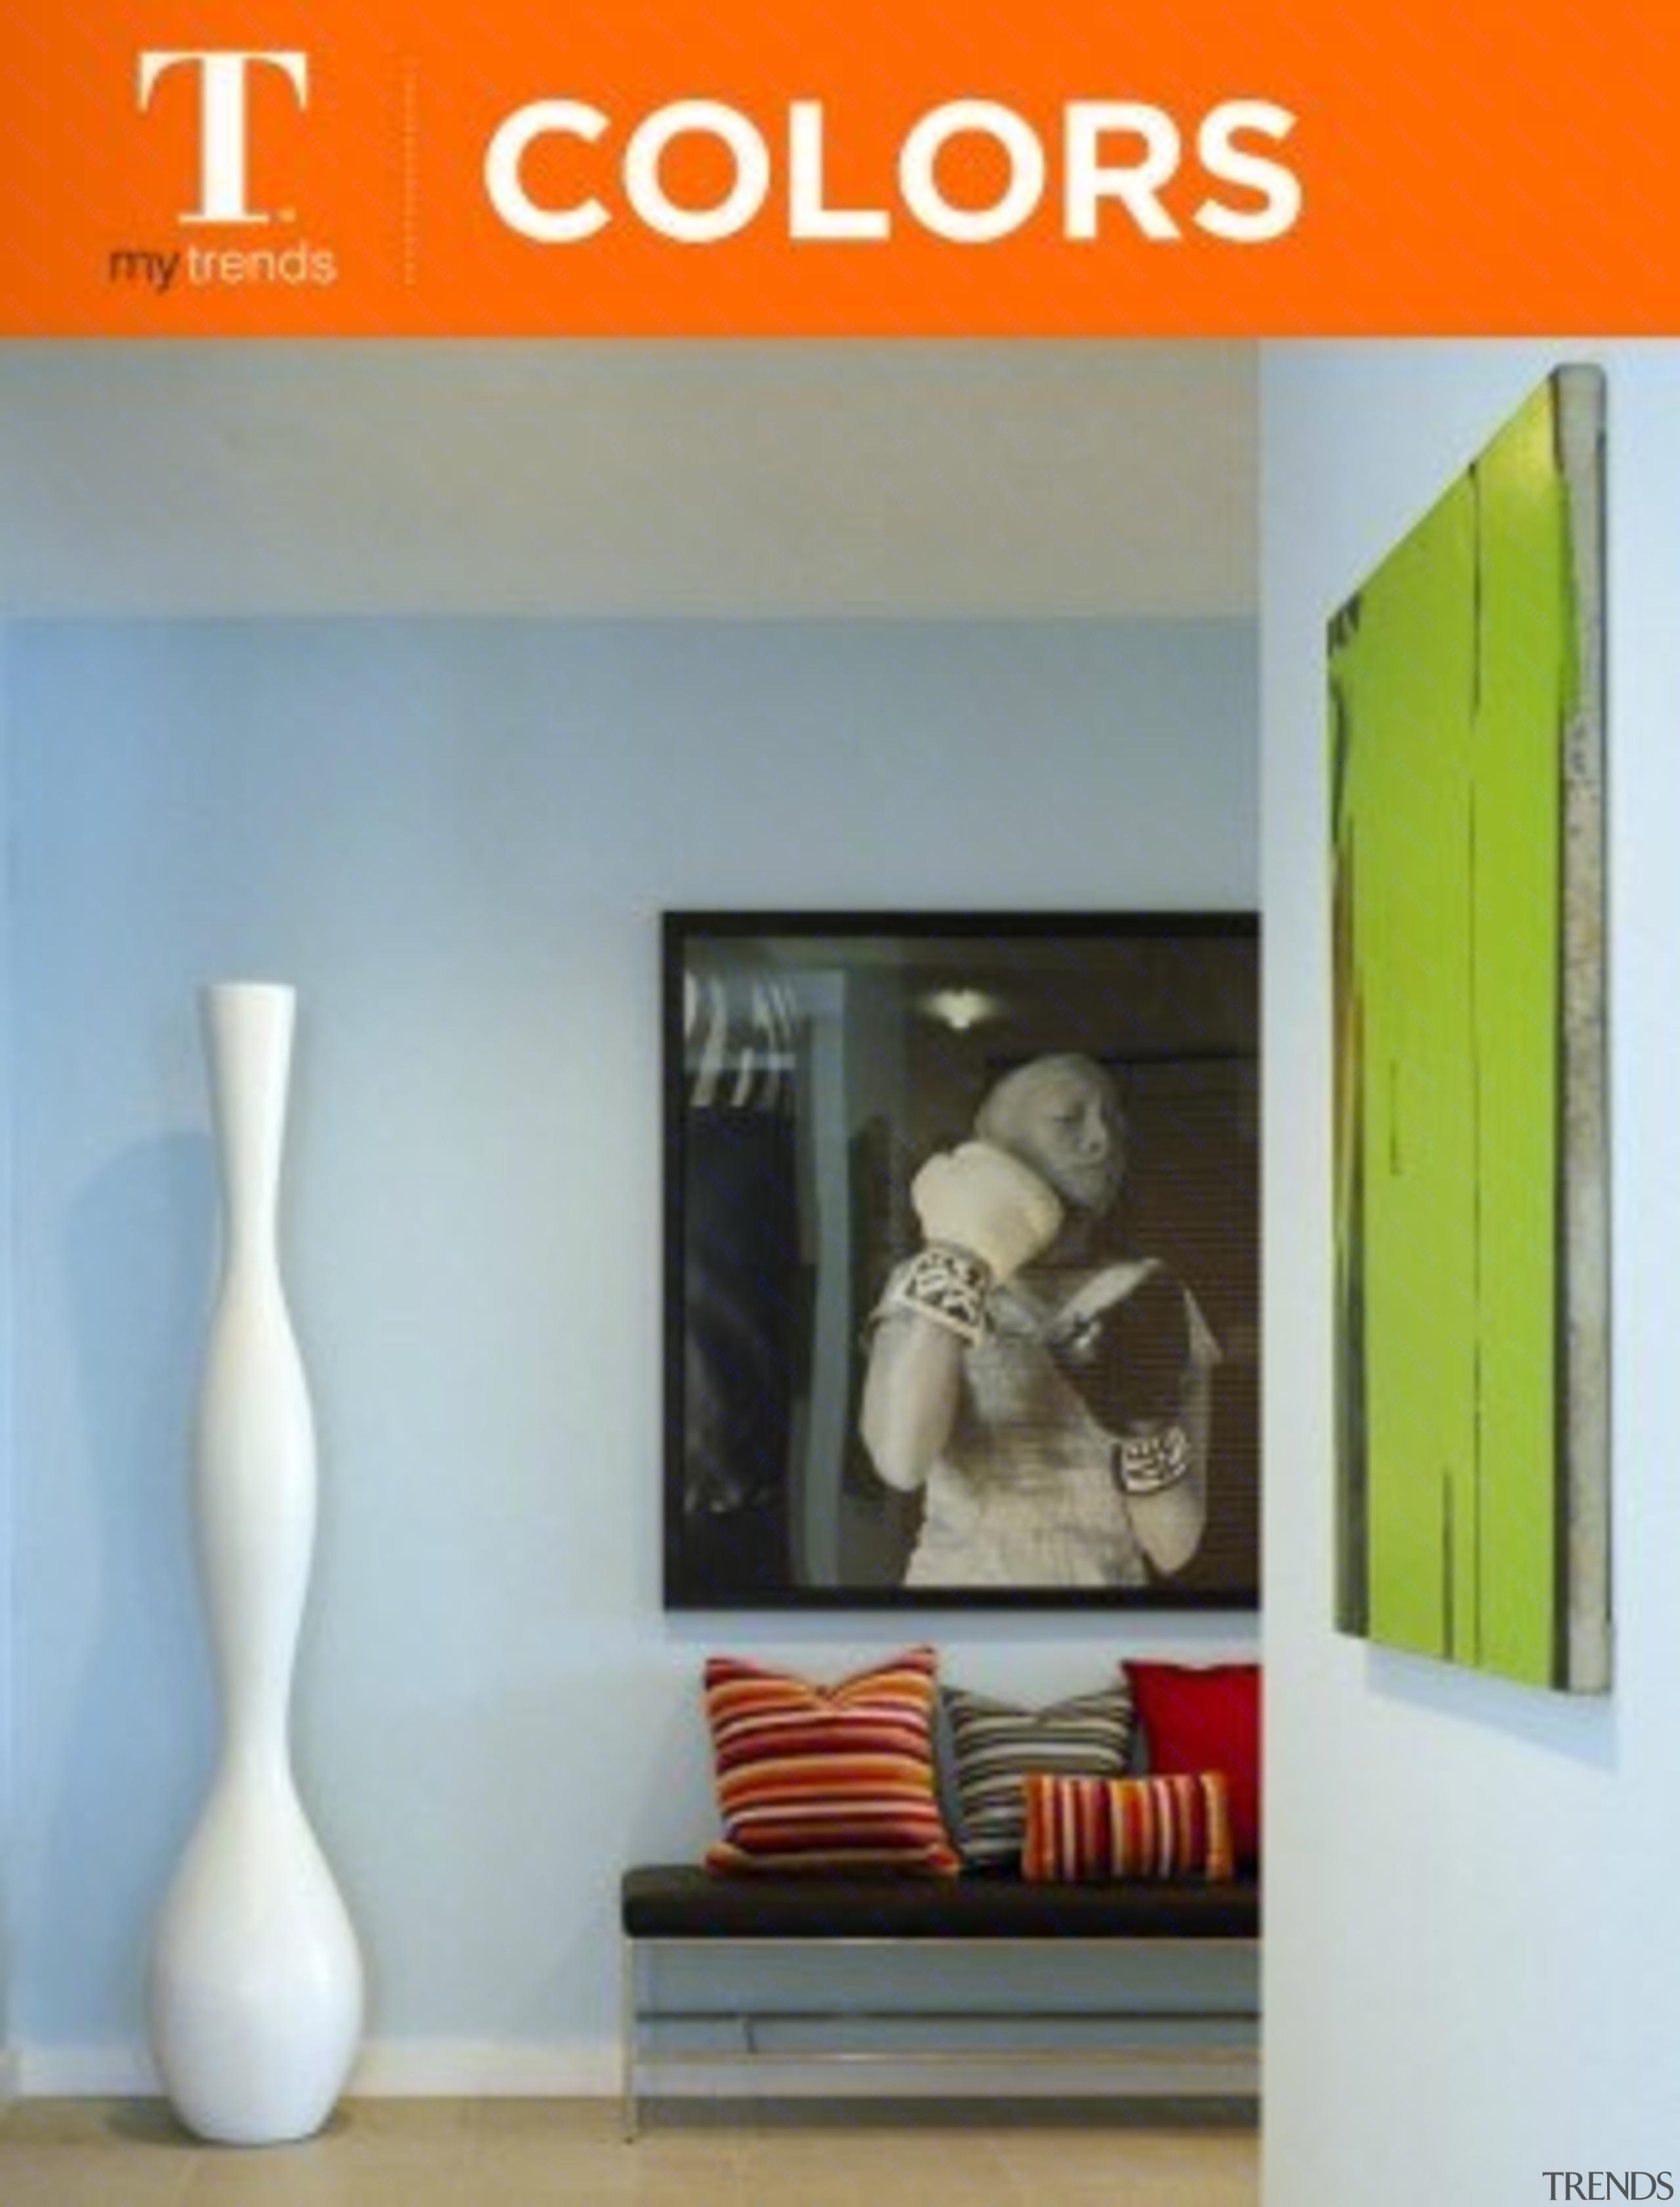 Colours interior design, shelf, gray